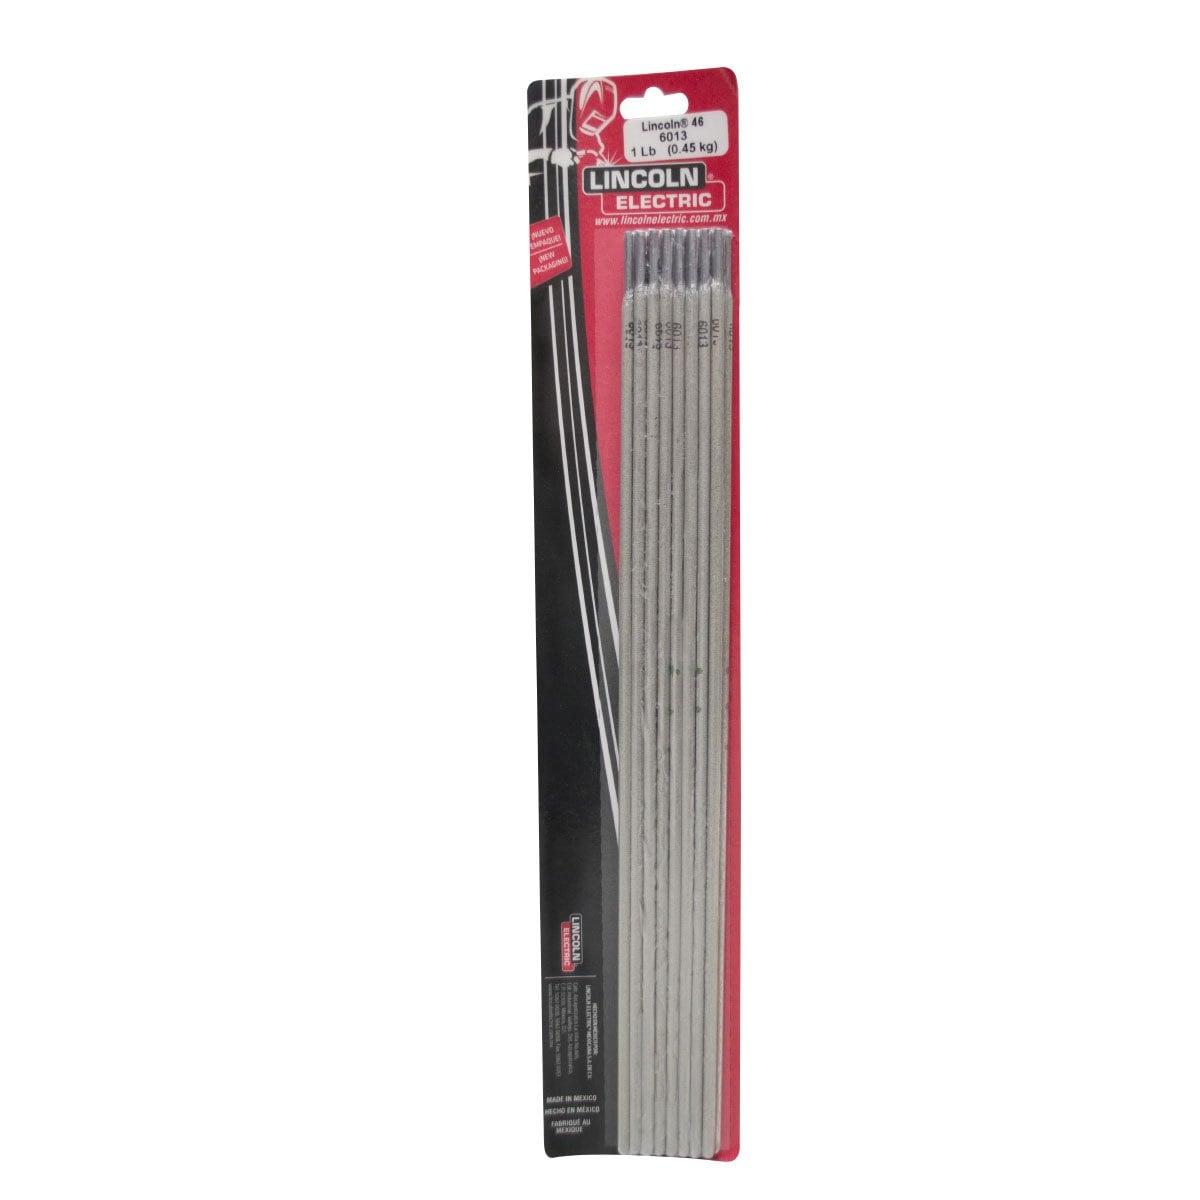 Electrodo Revestido 1/8 X 14 Lincoln® 46 Sk1/cm20Lb